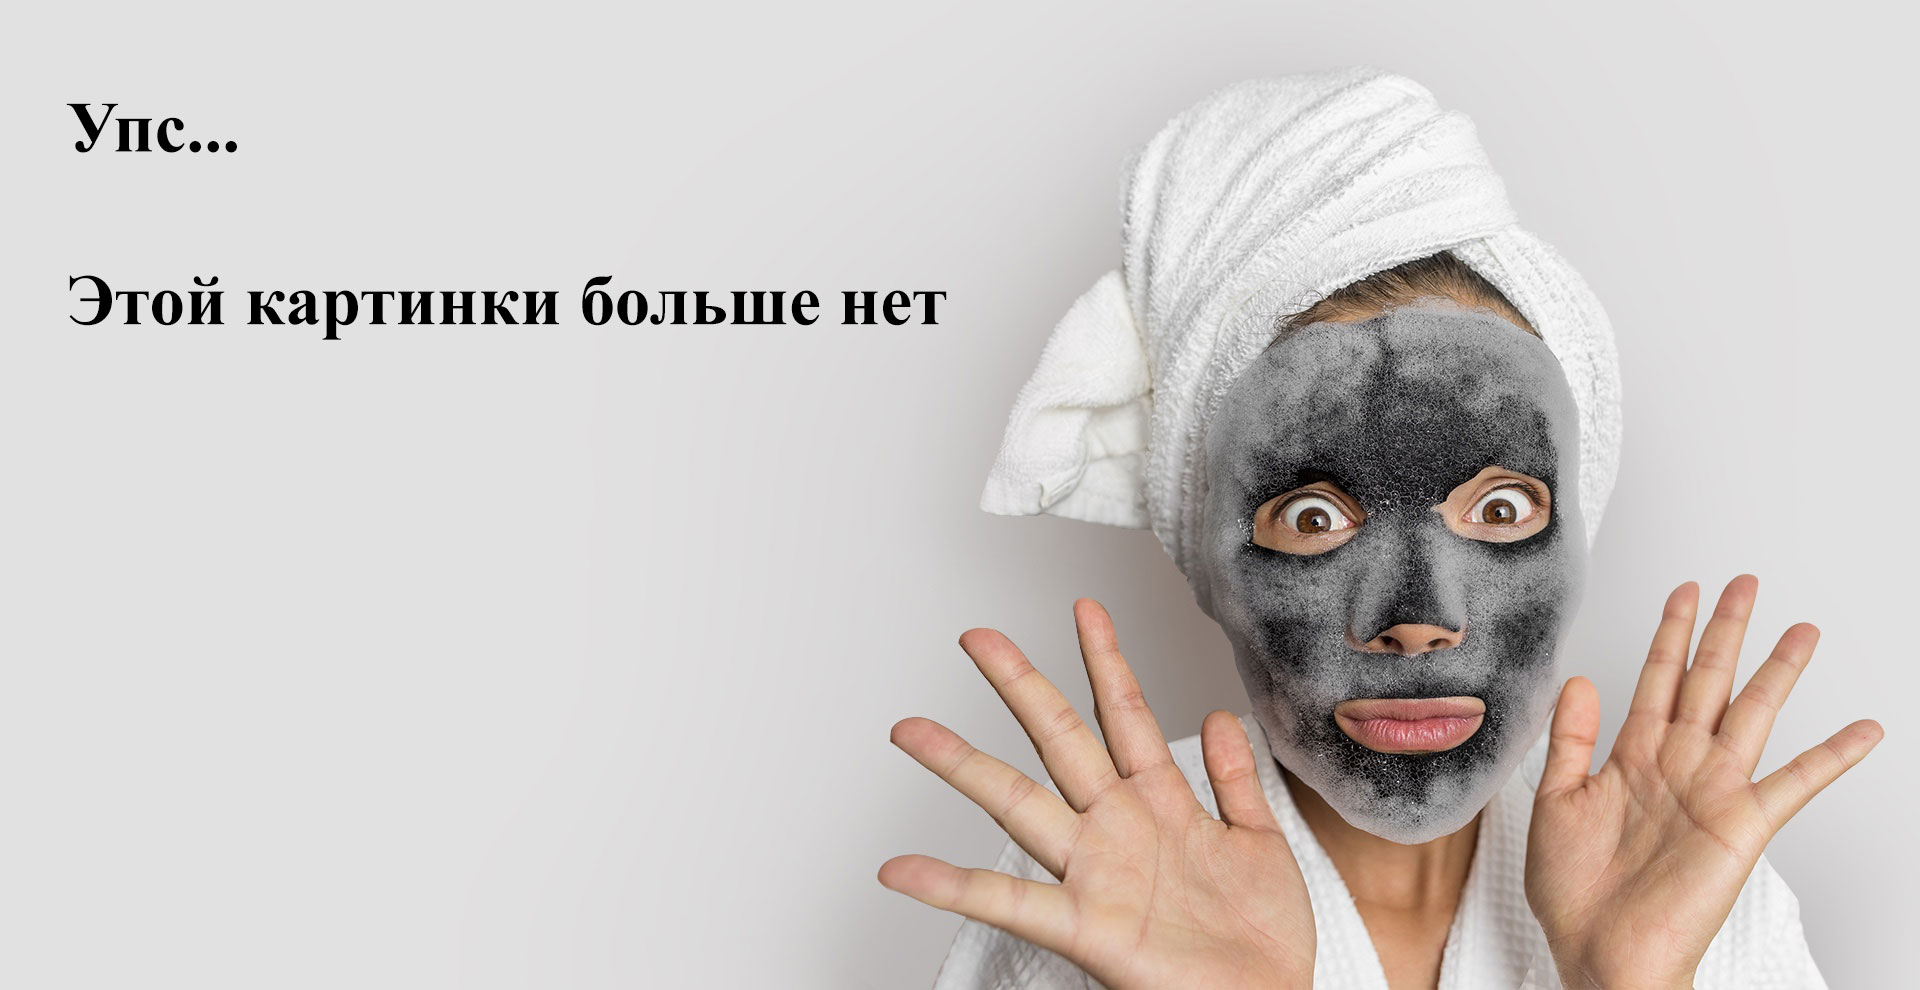 Skinlite, Маска для лица увлажняющая, 1 шт